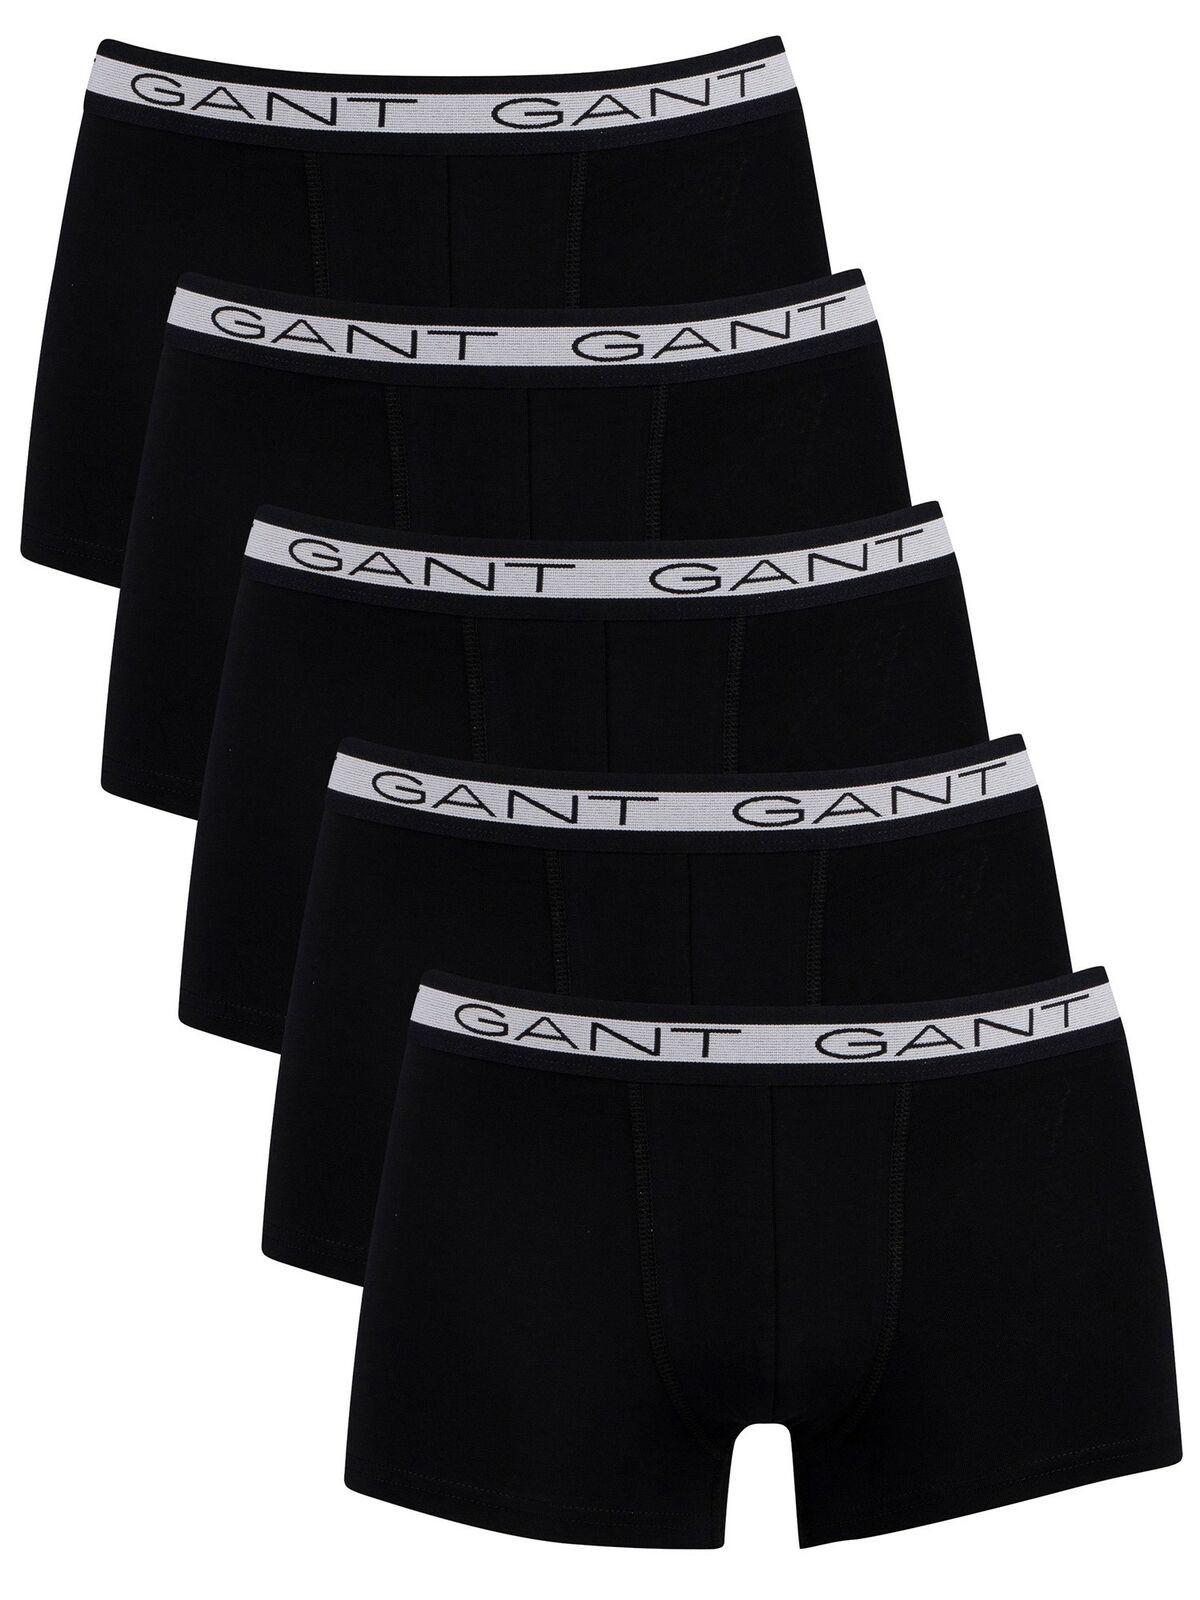 5PACK pánské boxerky Gant černé (902035553-005) XL